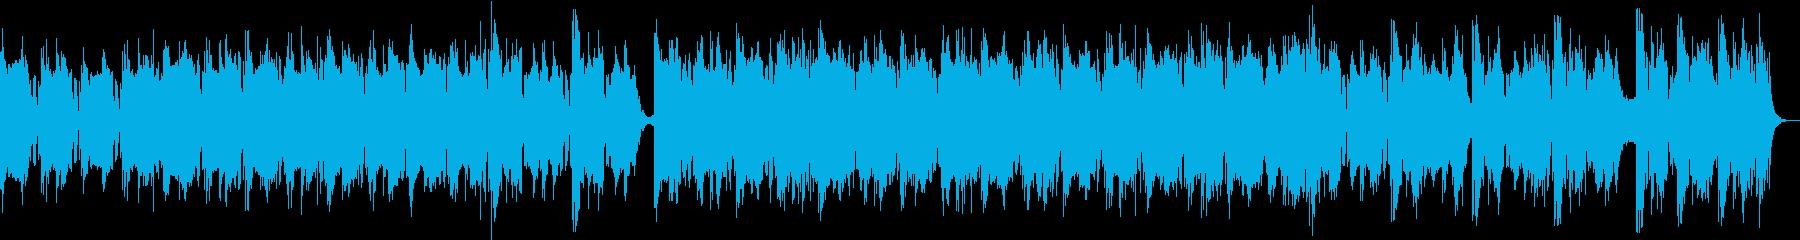 幻想的なエレクトロニカ/シンセロック曲の再生済みの波形